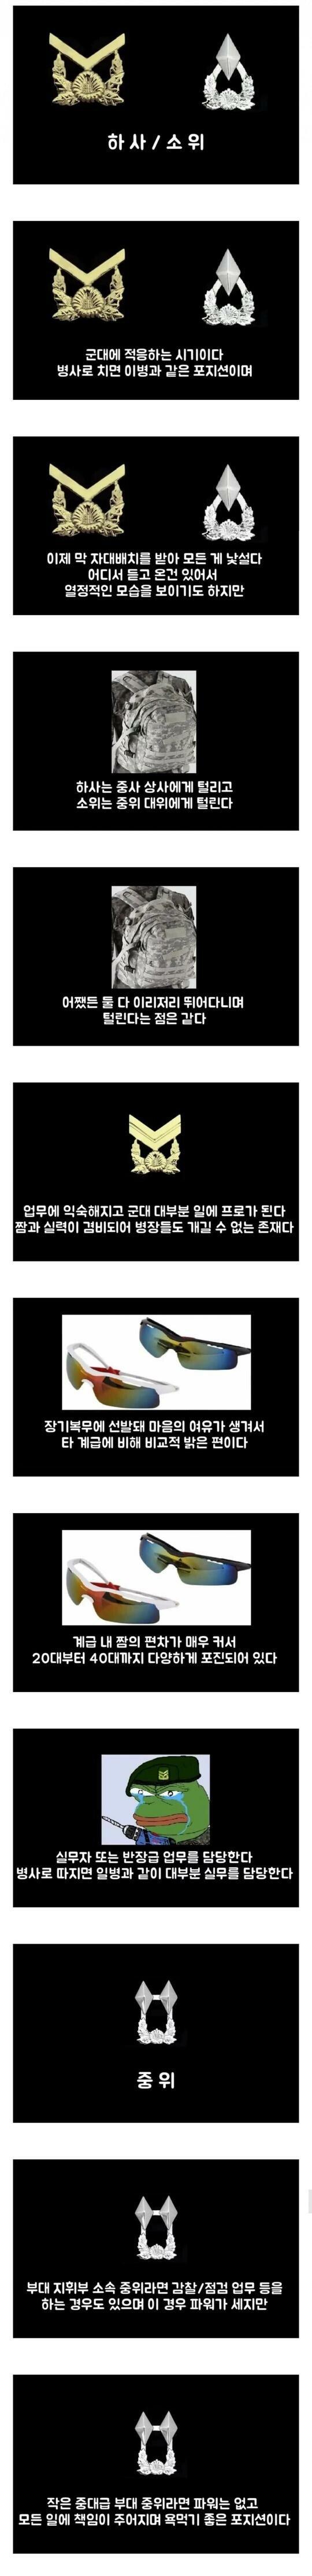 군대 간부/장교 계급별 특징